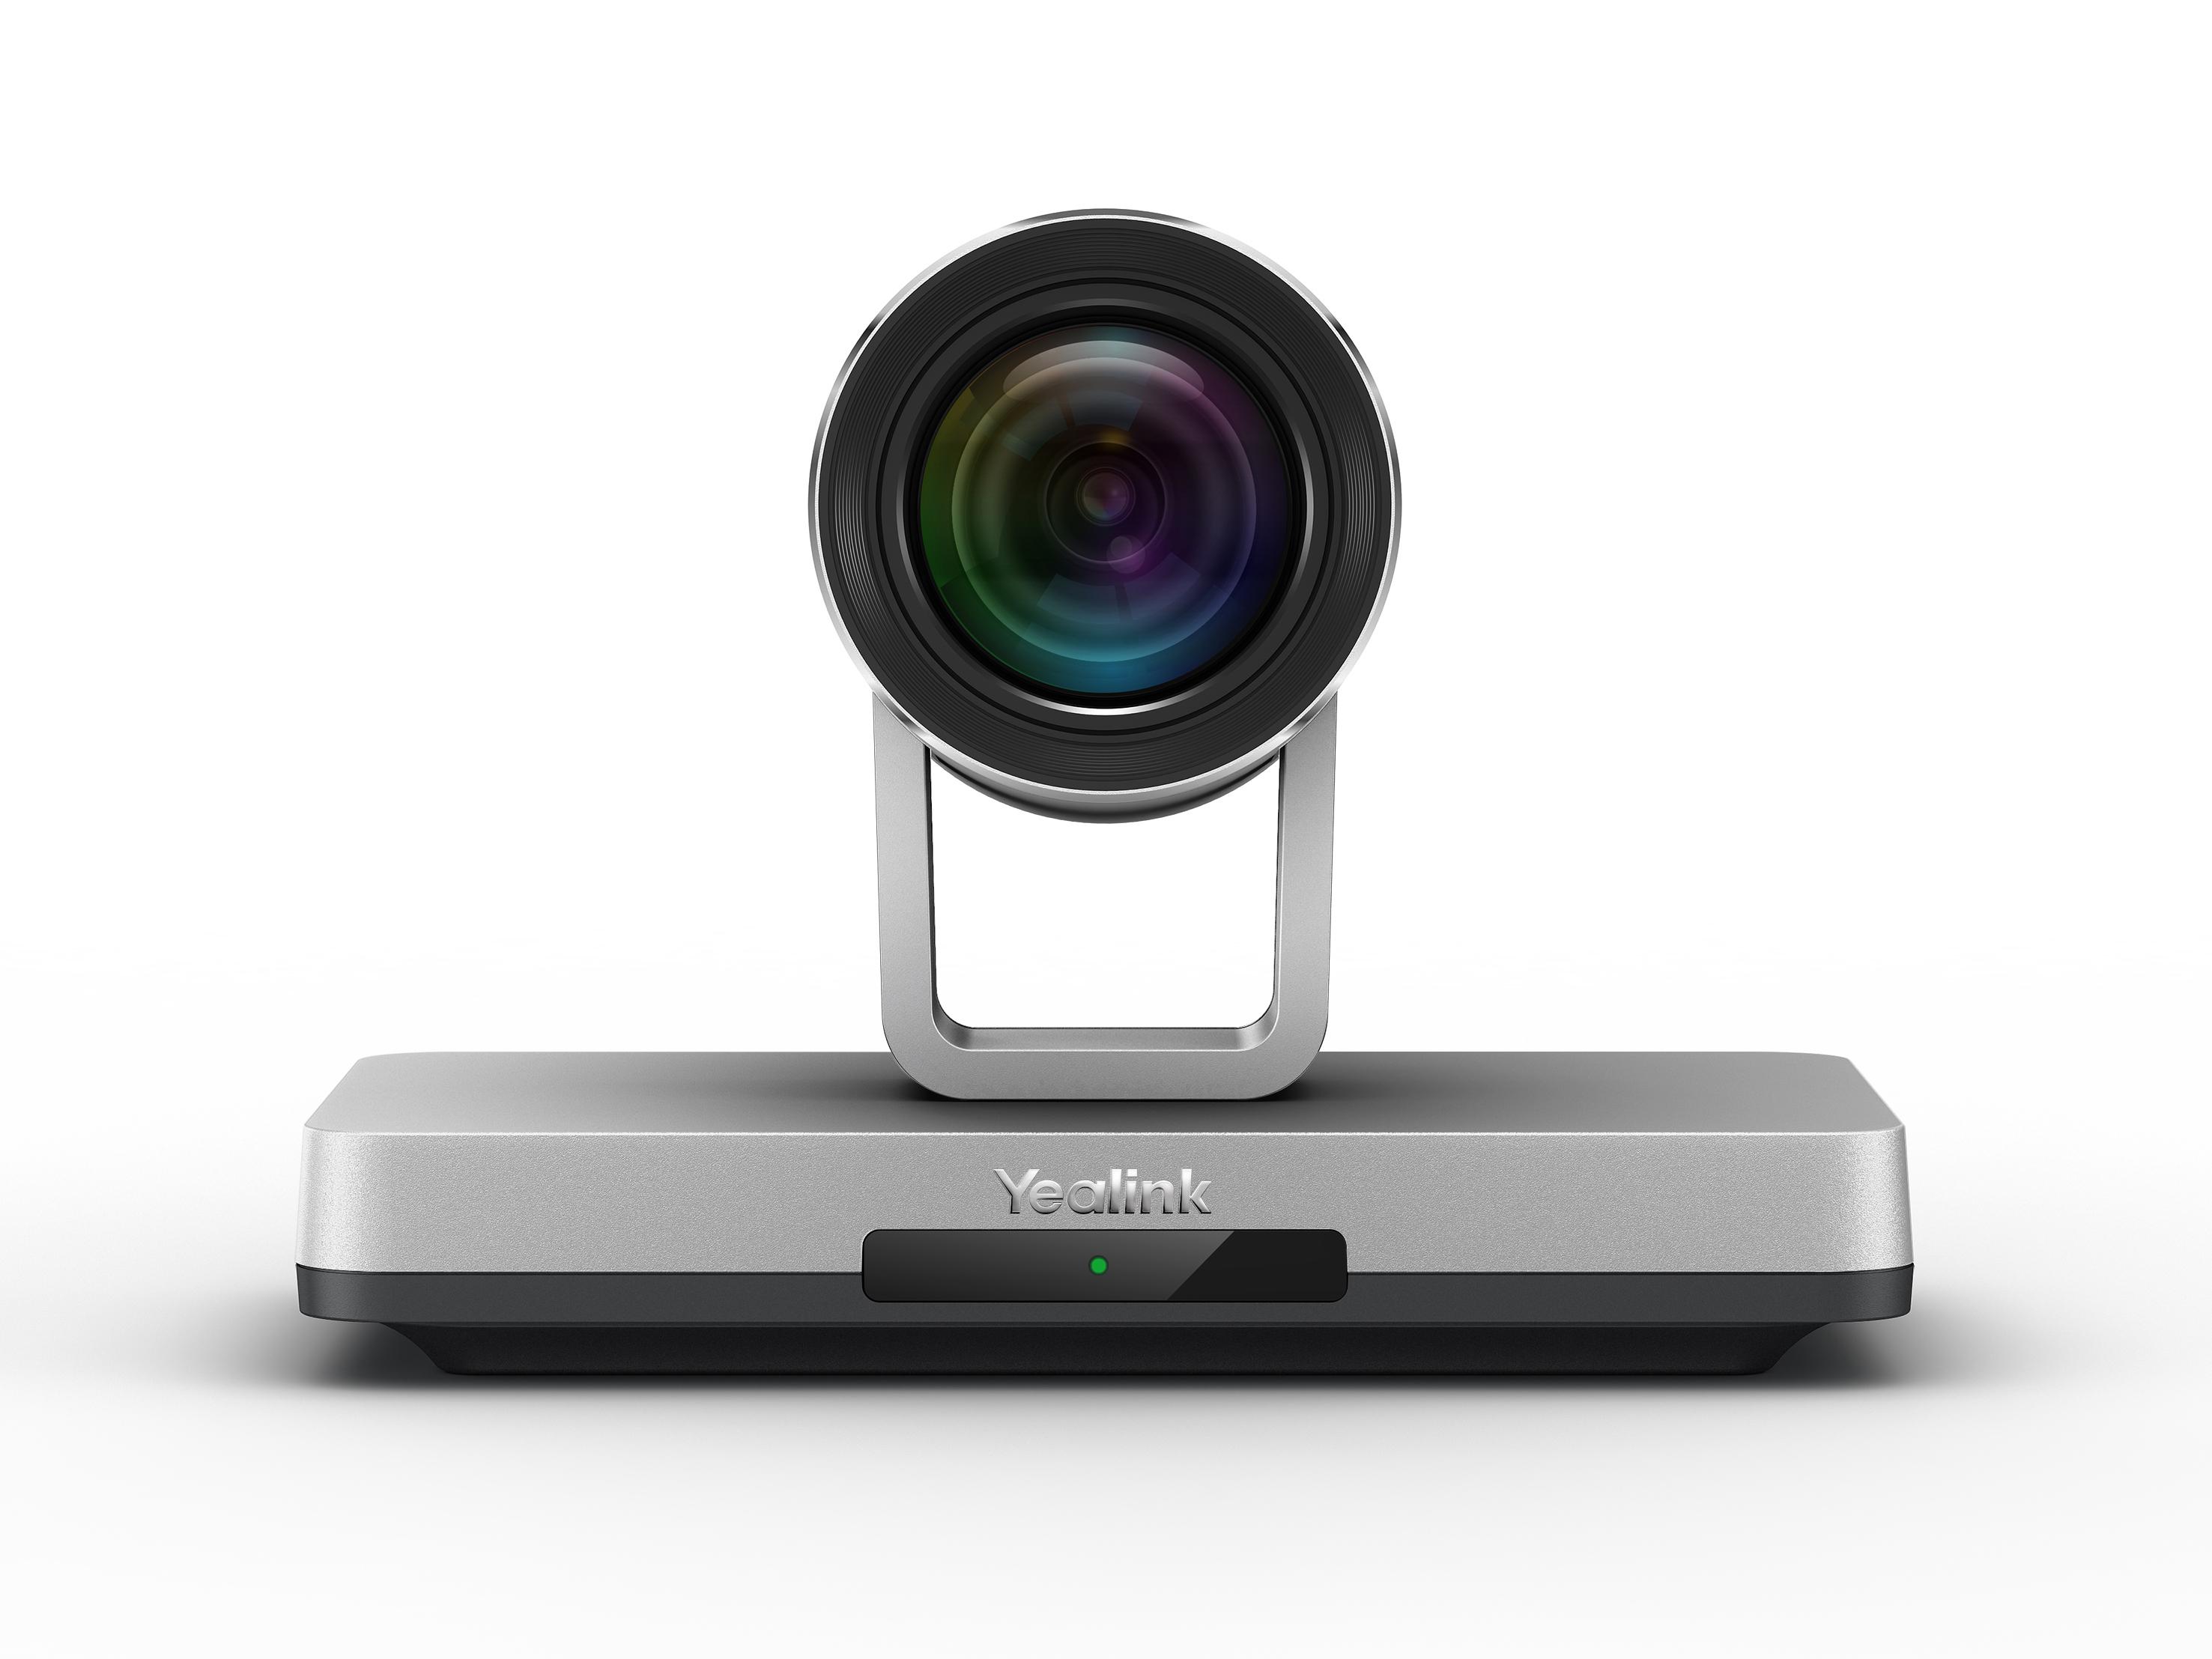 YEALINK Yealink UVC80 - Caméra PTZ USB full-HD, Zoom 12x, FOV 70°